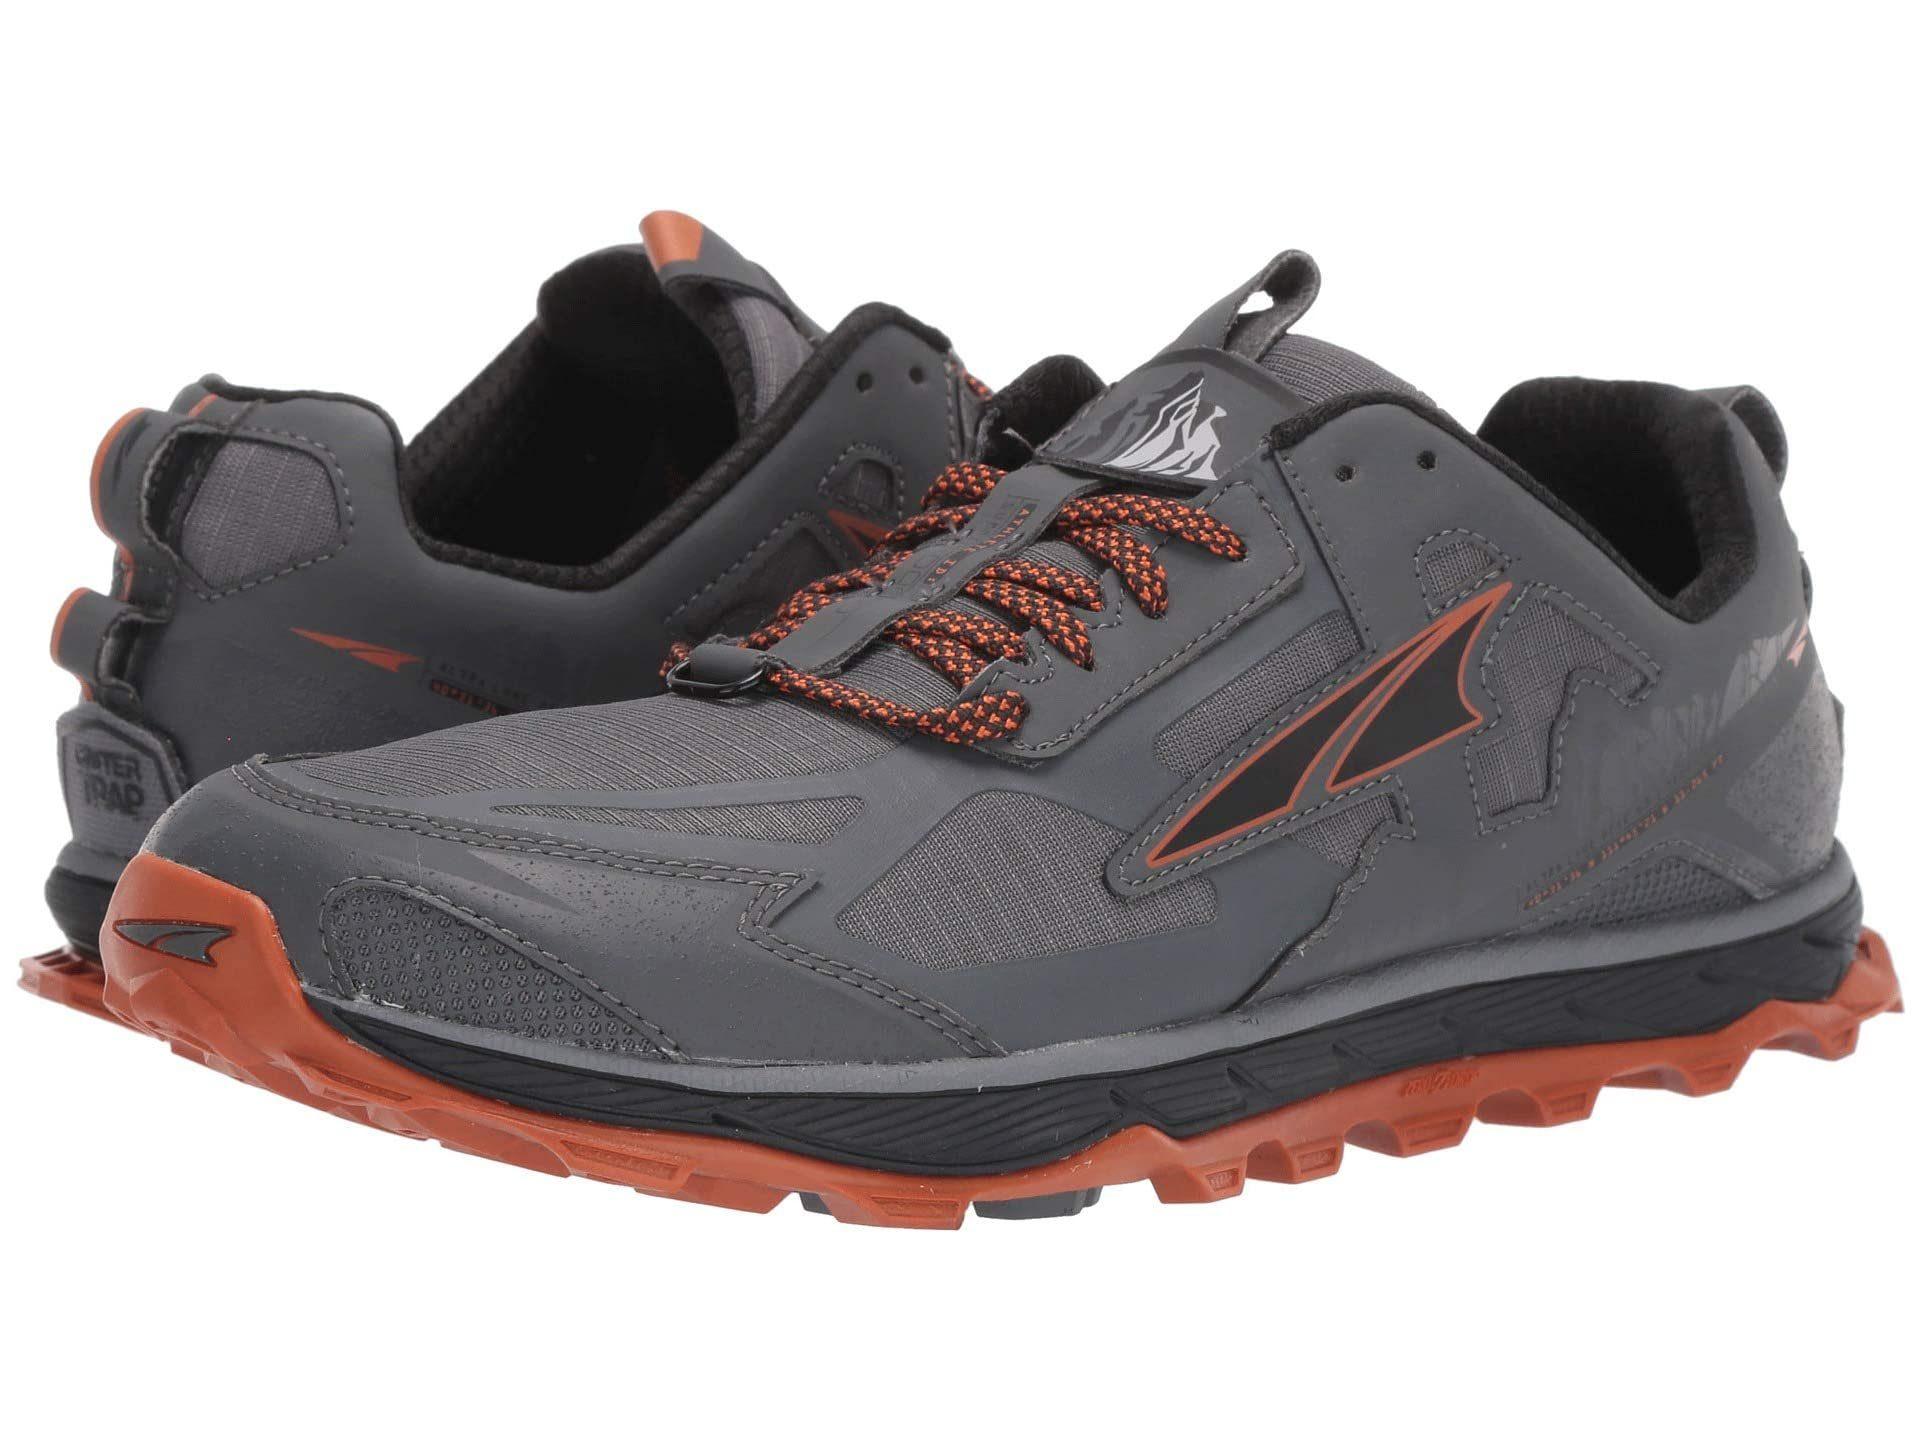 Altra Footwear Lone Peak 4.5 trail shoe